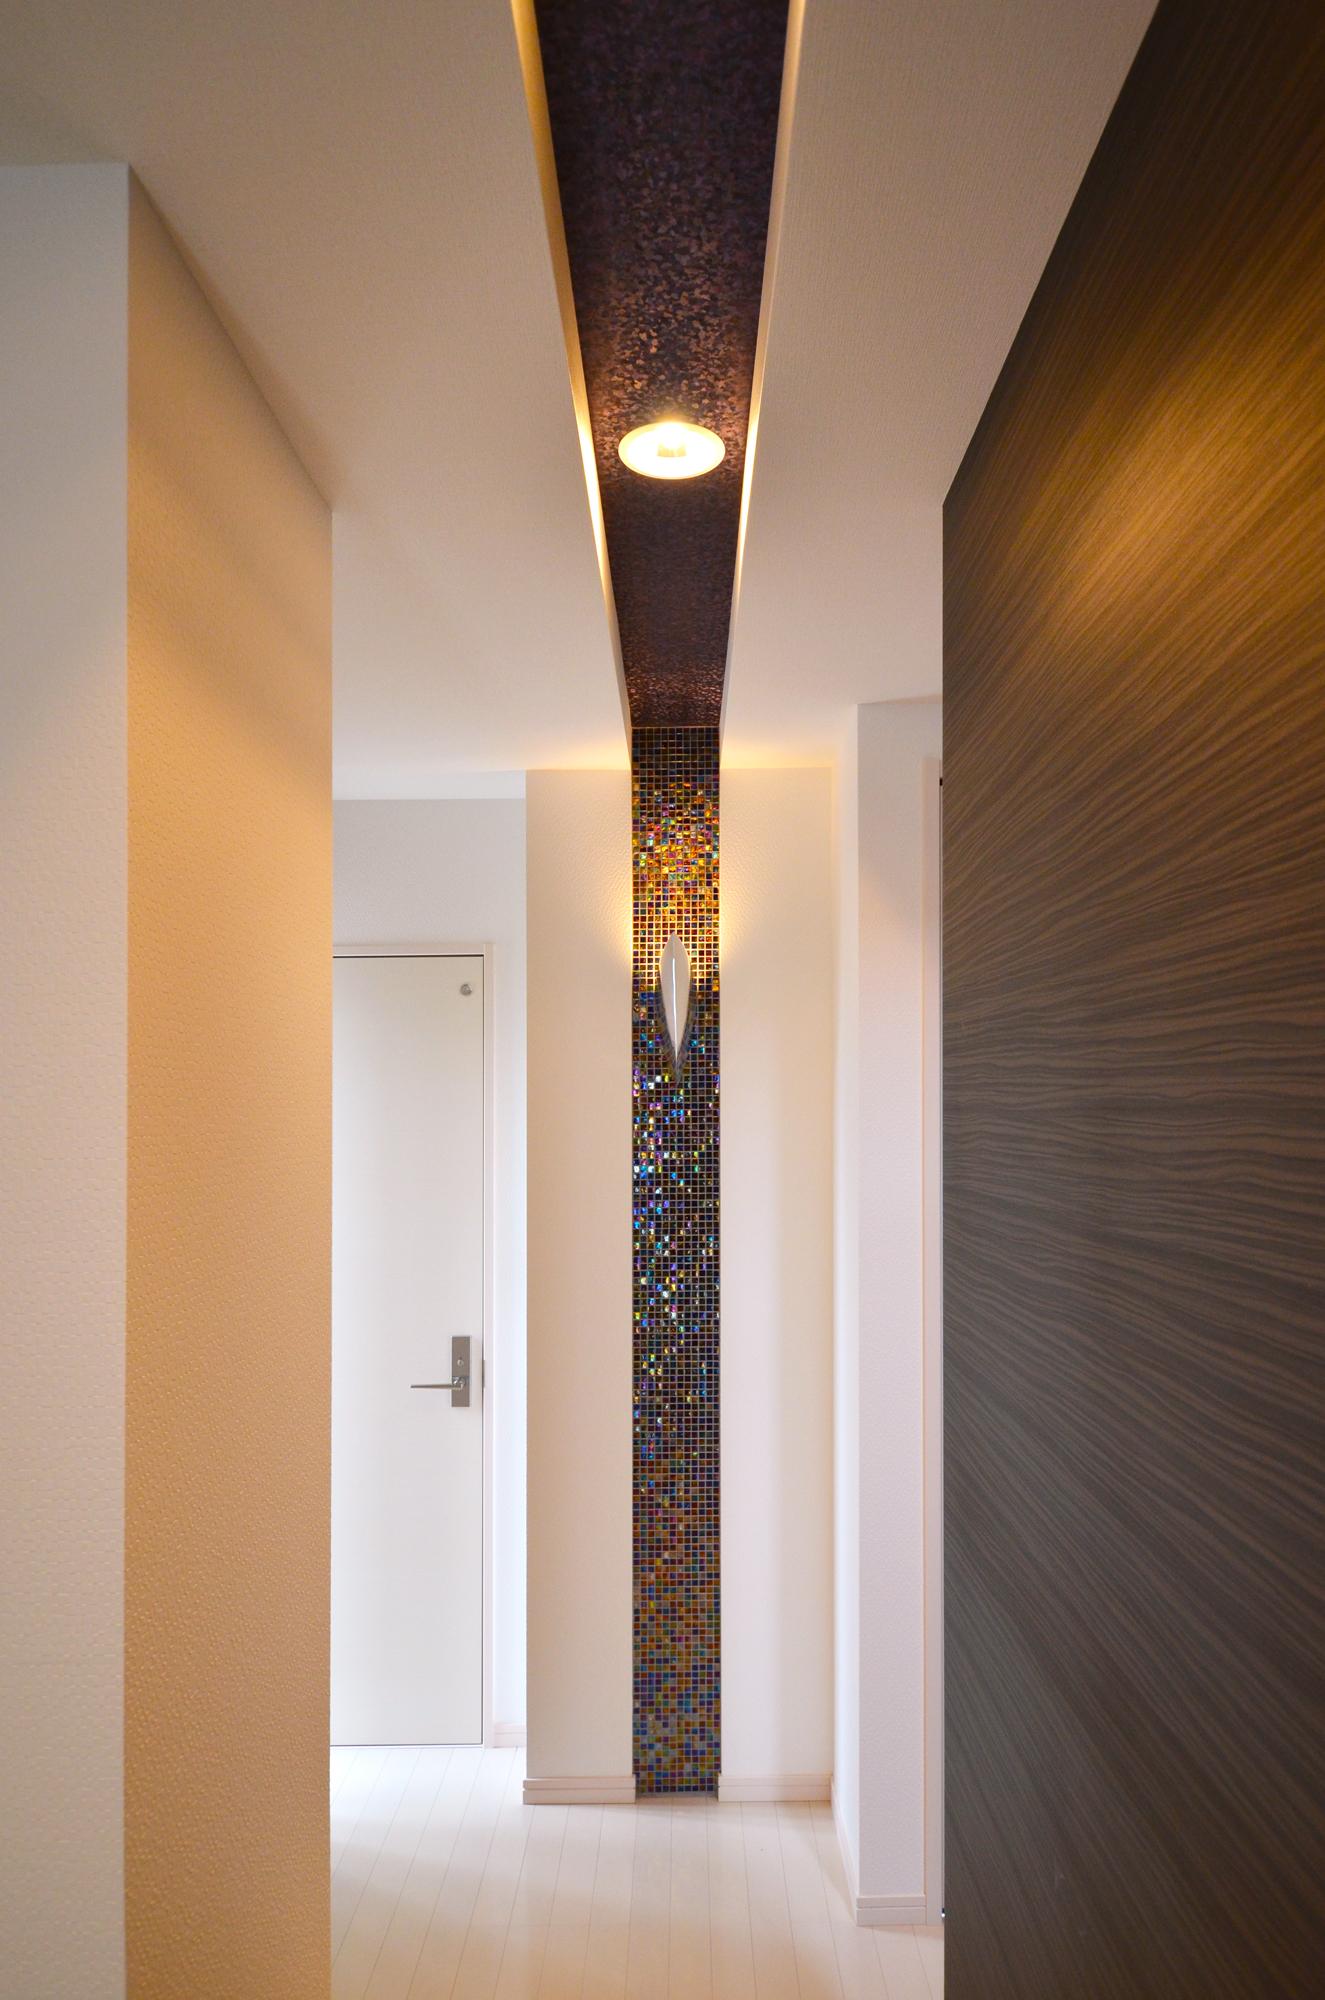 ティアラホームスタイル【1000万円台、デザイン住宅、収納力】装飾のキラキラタイルが玄関をエレガントに演出